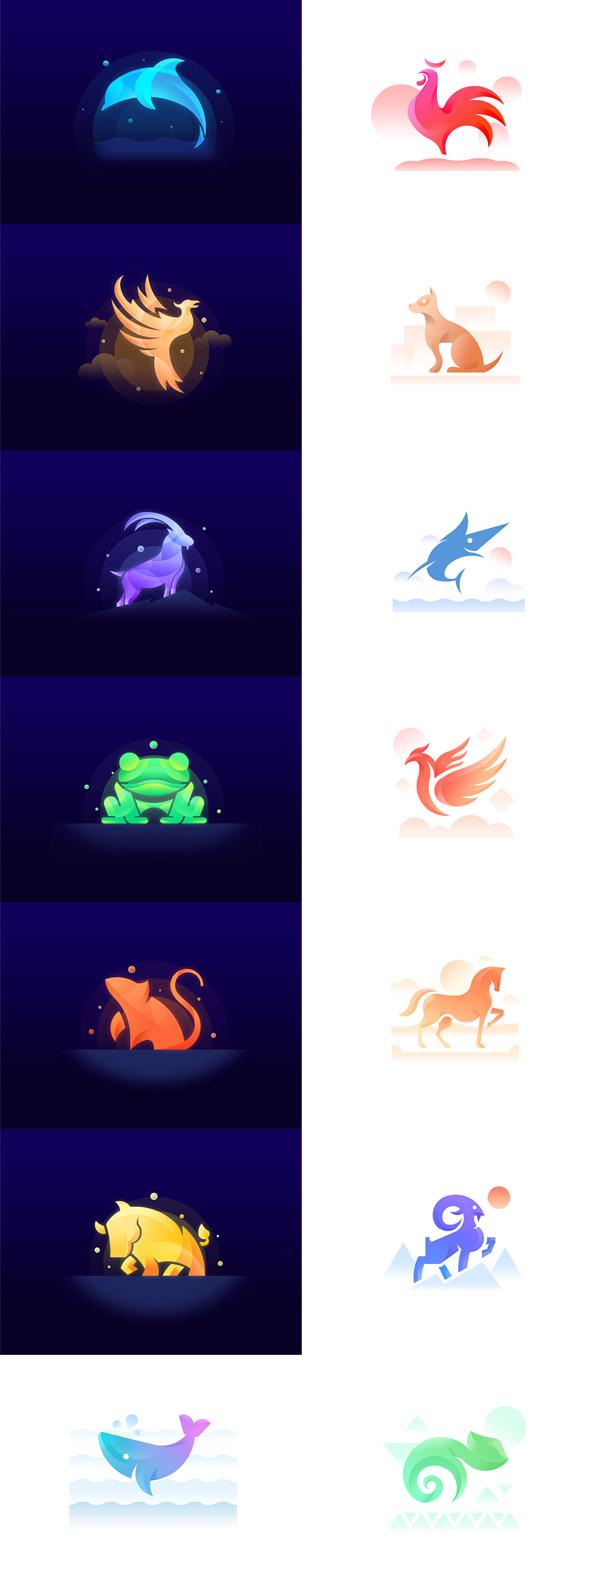 14个幻彩扁平化动物主题标志psd分层素材,,抽象动物logo,扁平化简约